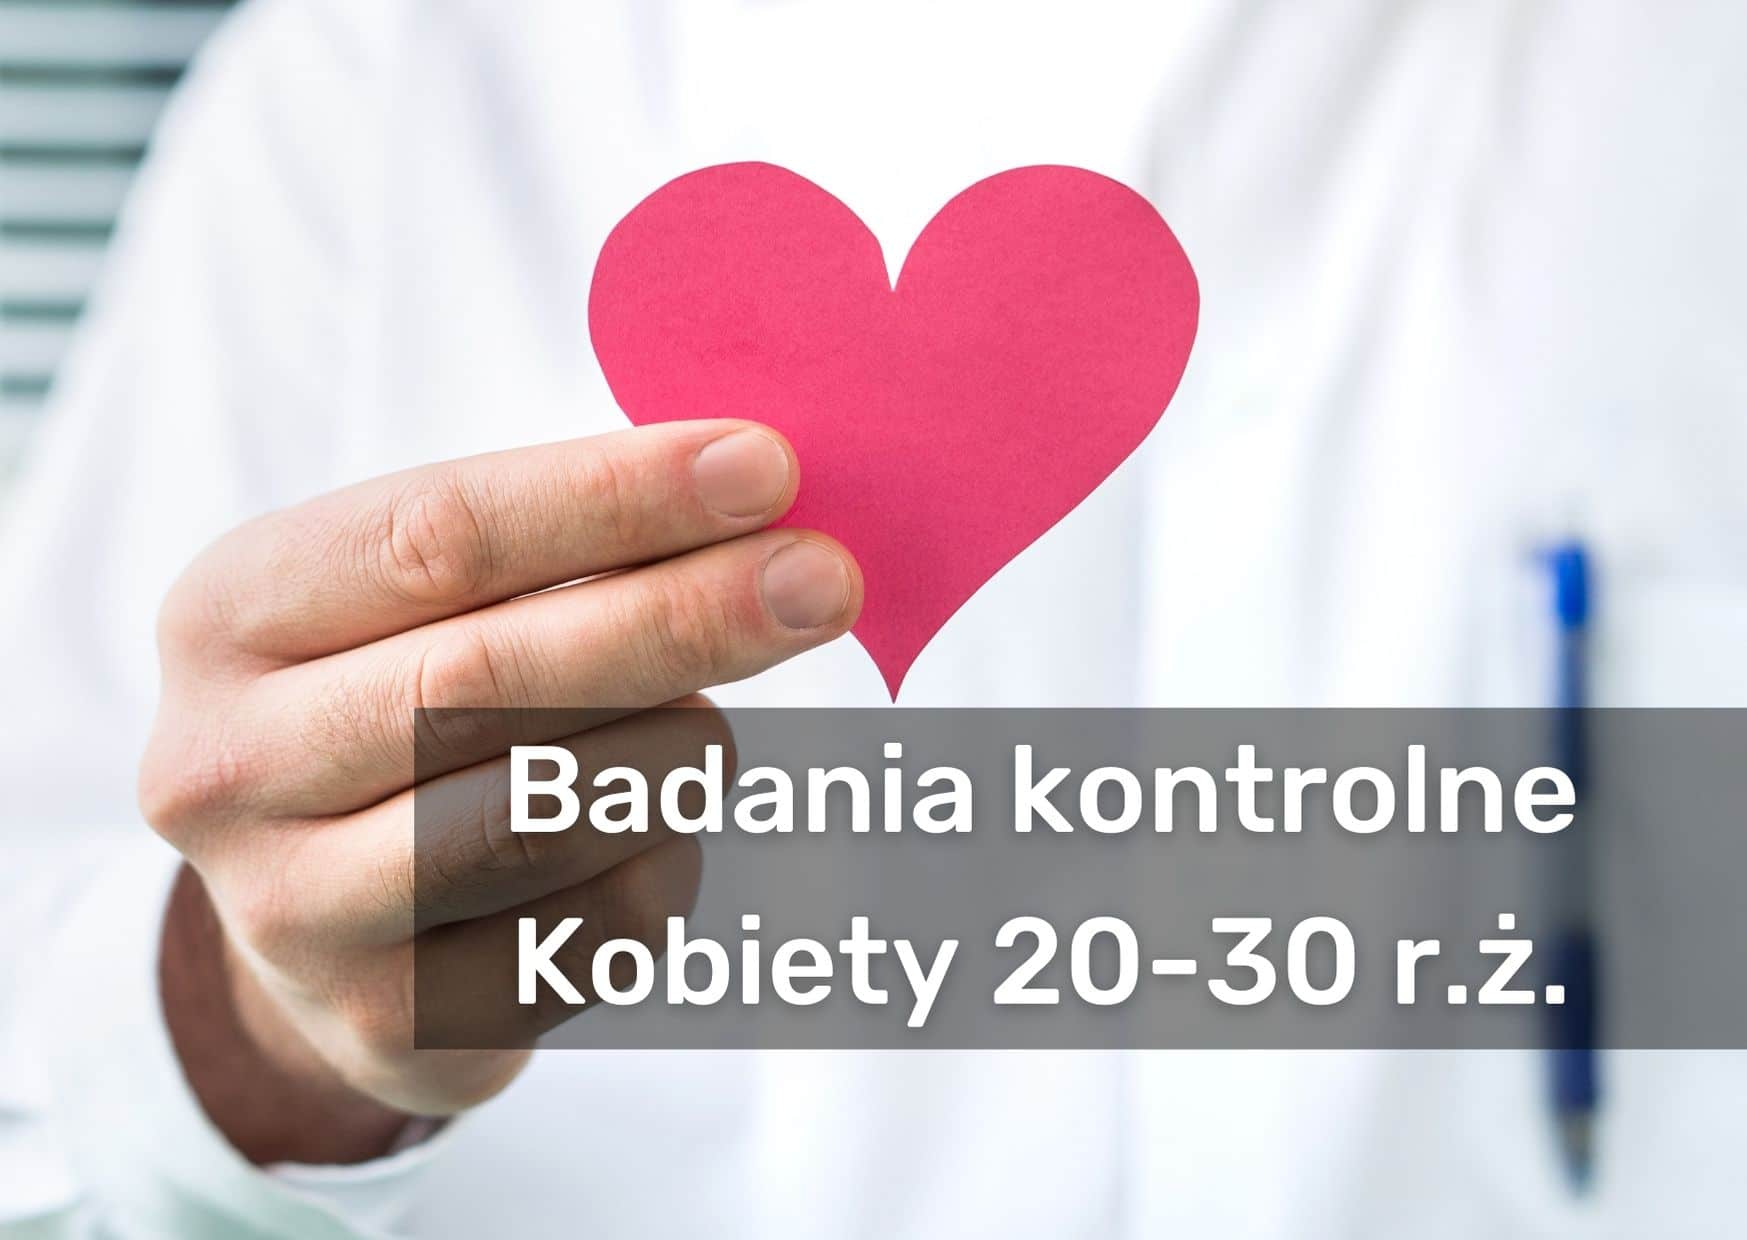 Badania-kontrolne-Kobiety-20-30-r.ż..jpg